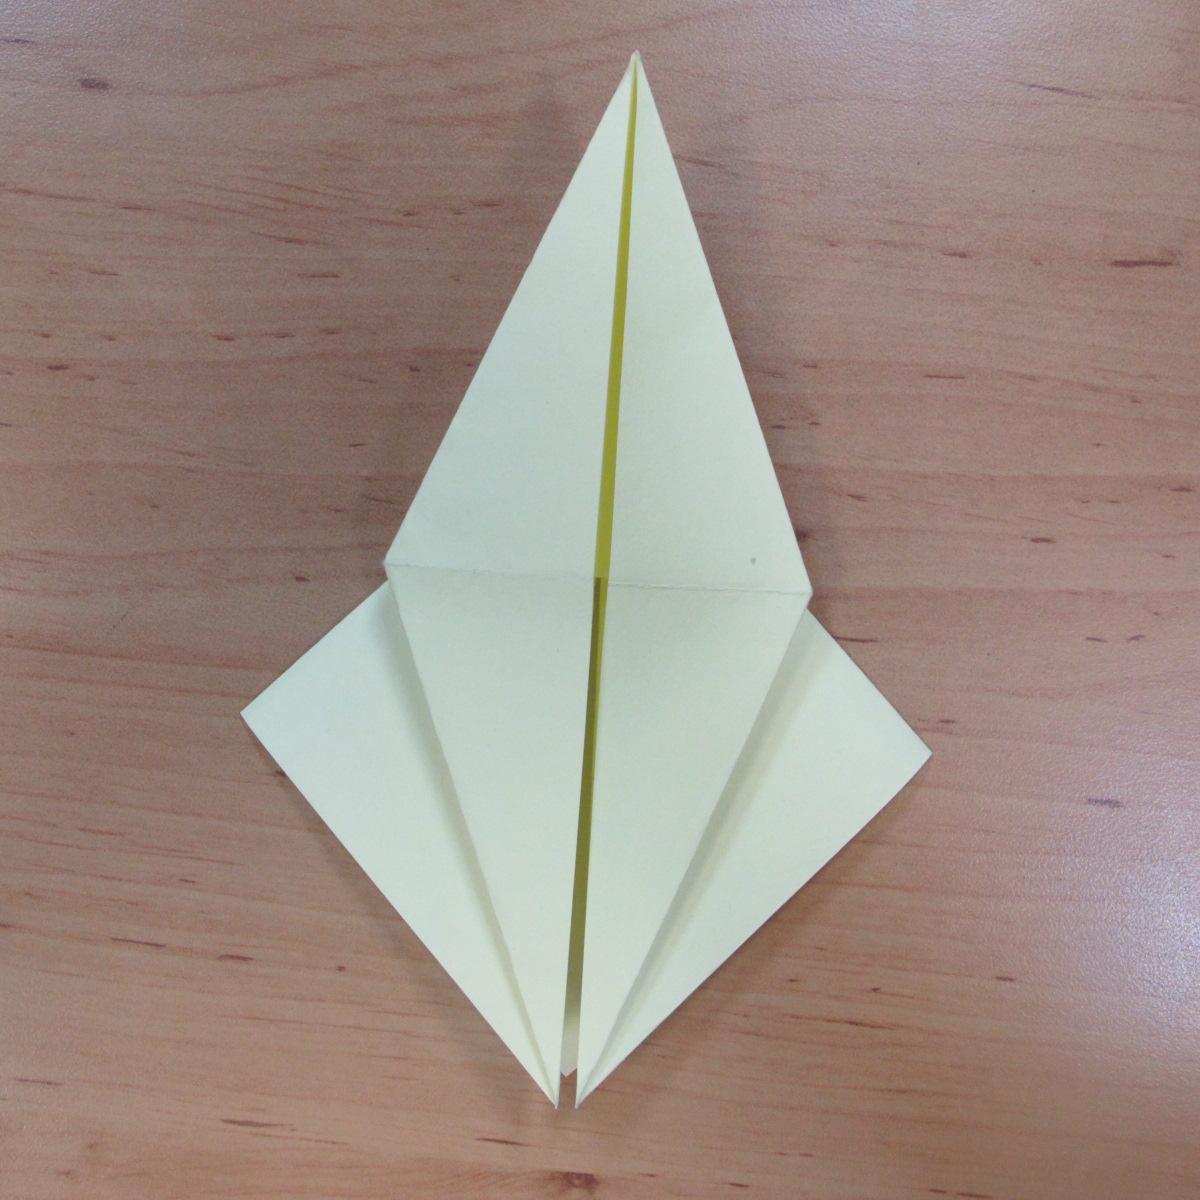 วิธีพับกระดาษเป็นดอกกุหลายแบบเกลียว 011